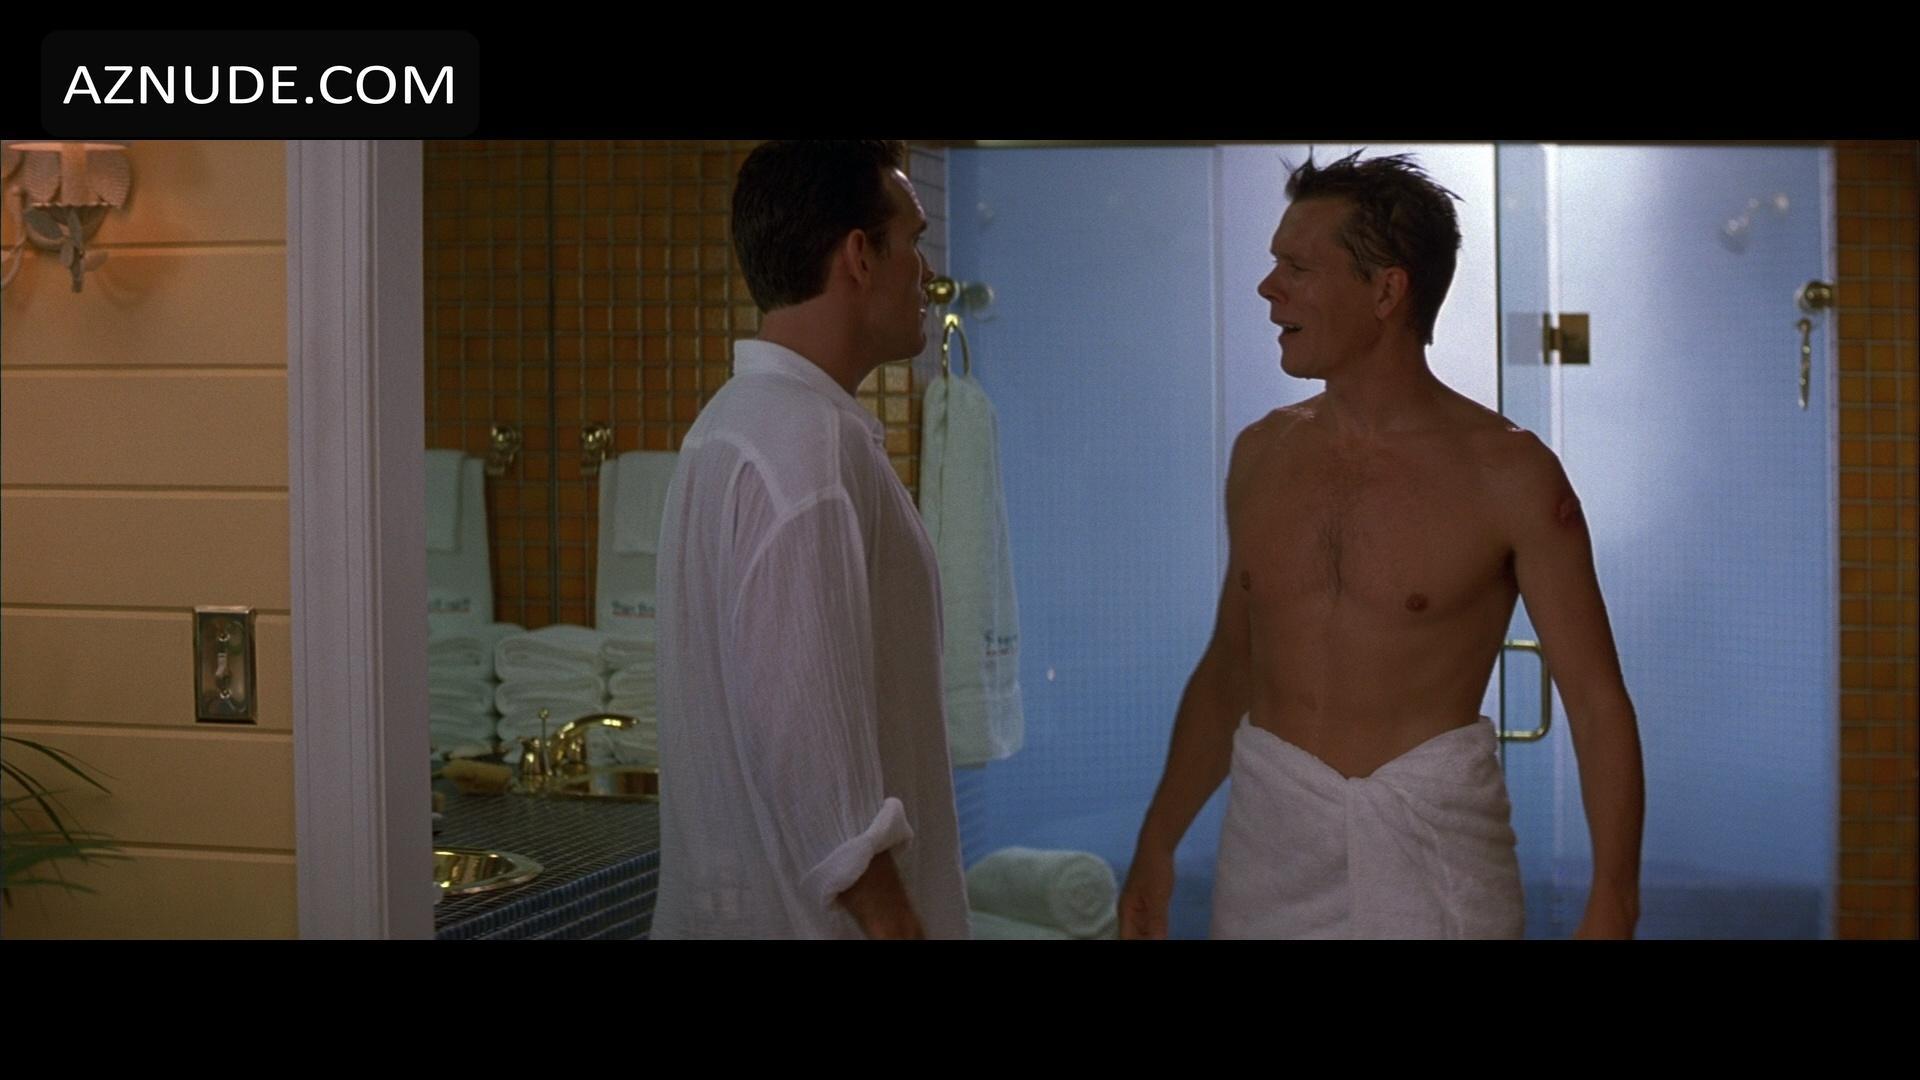 Kevin bacon nude scene sex pics